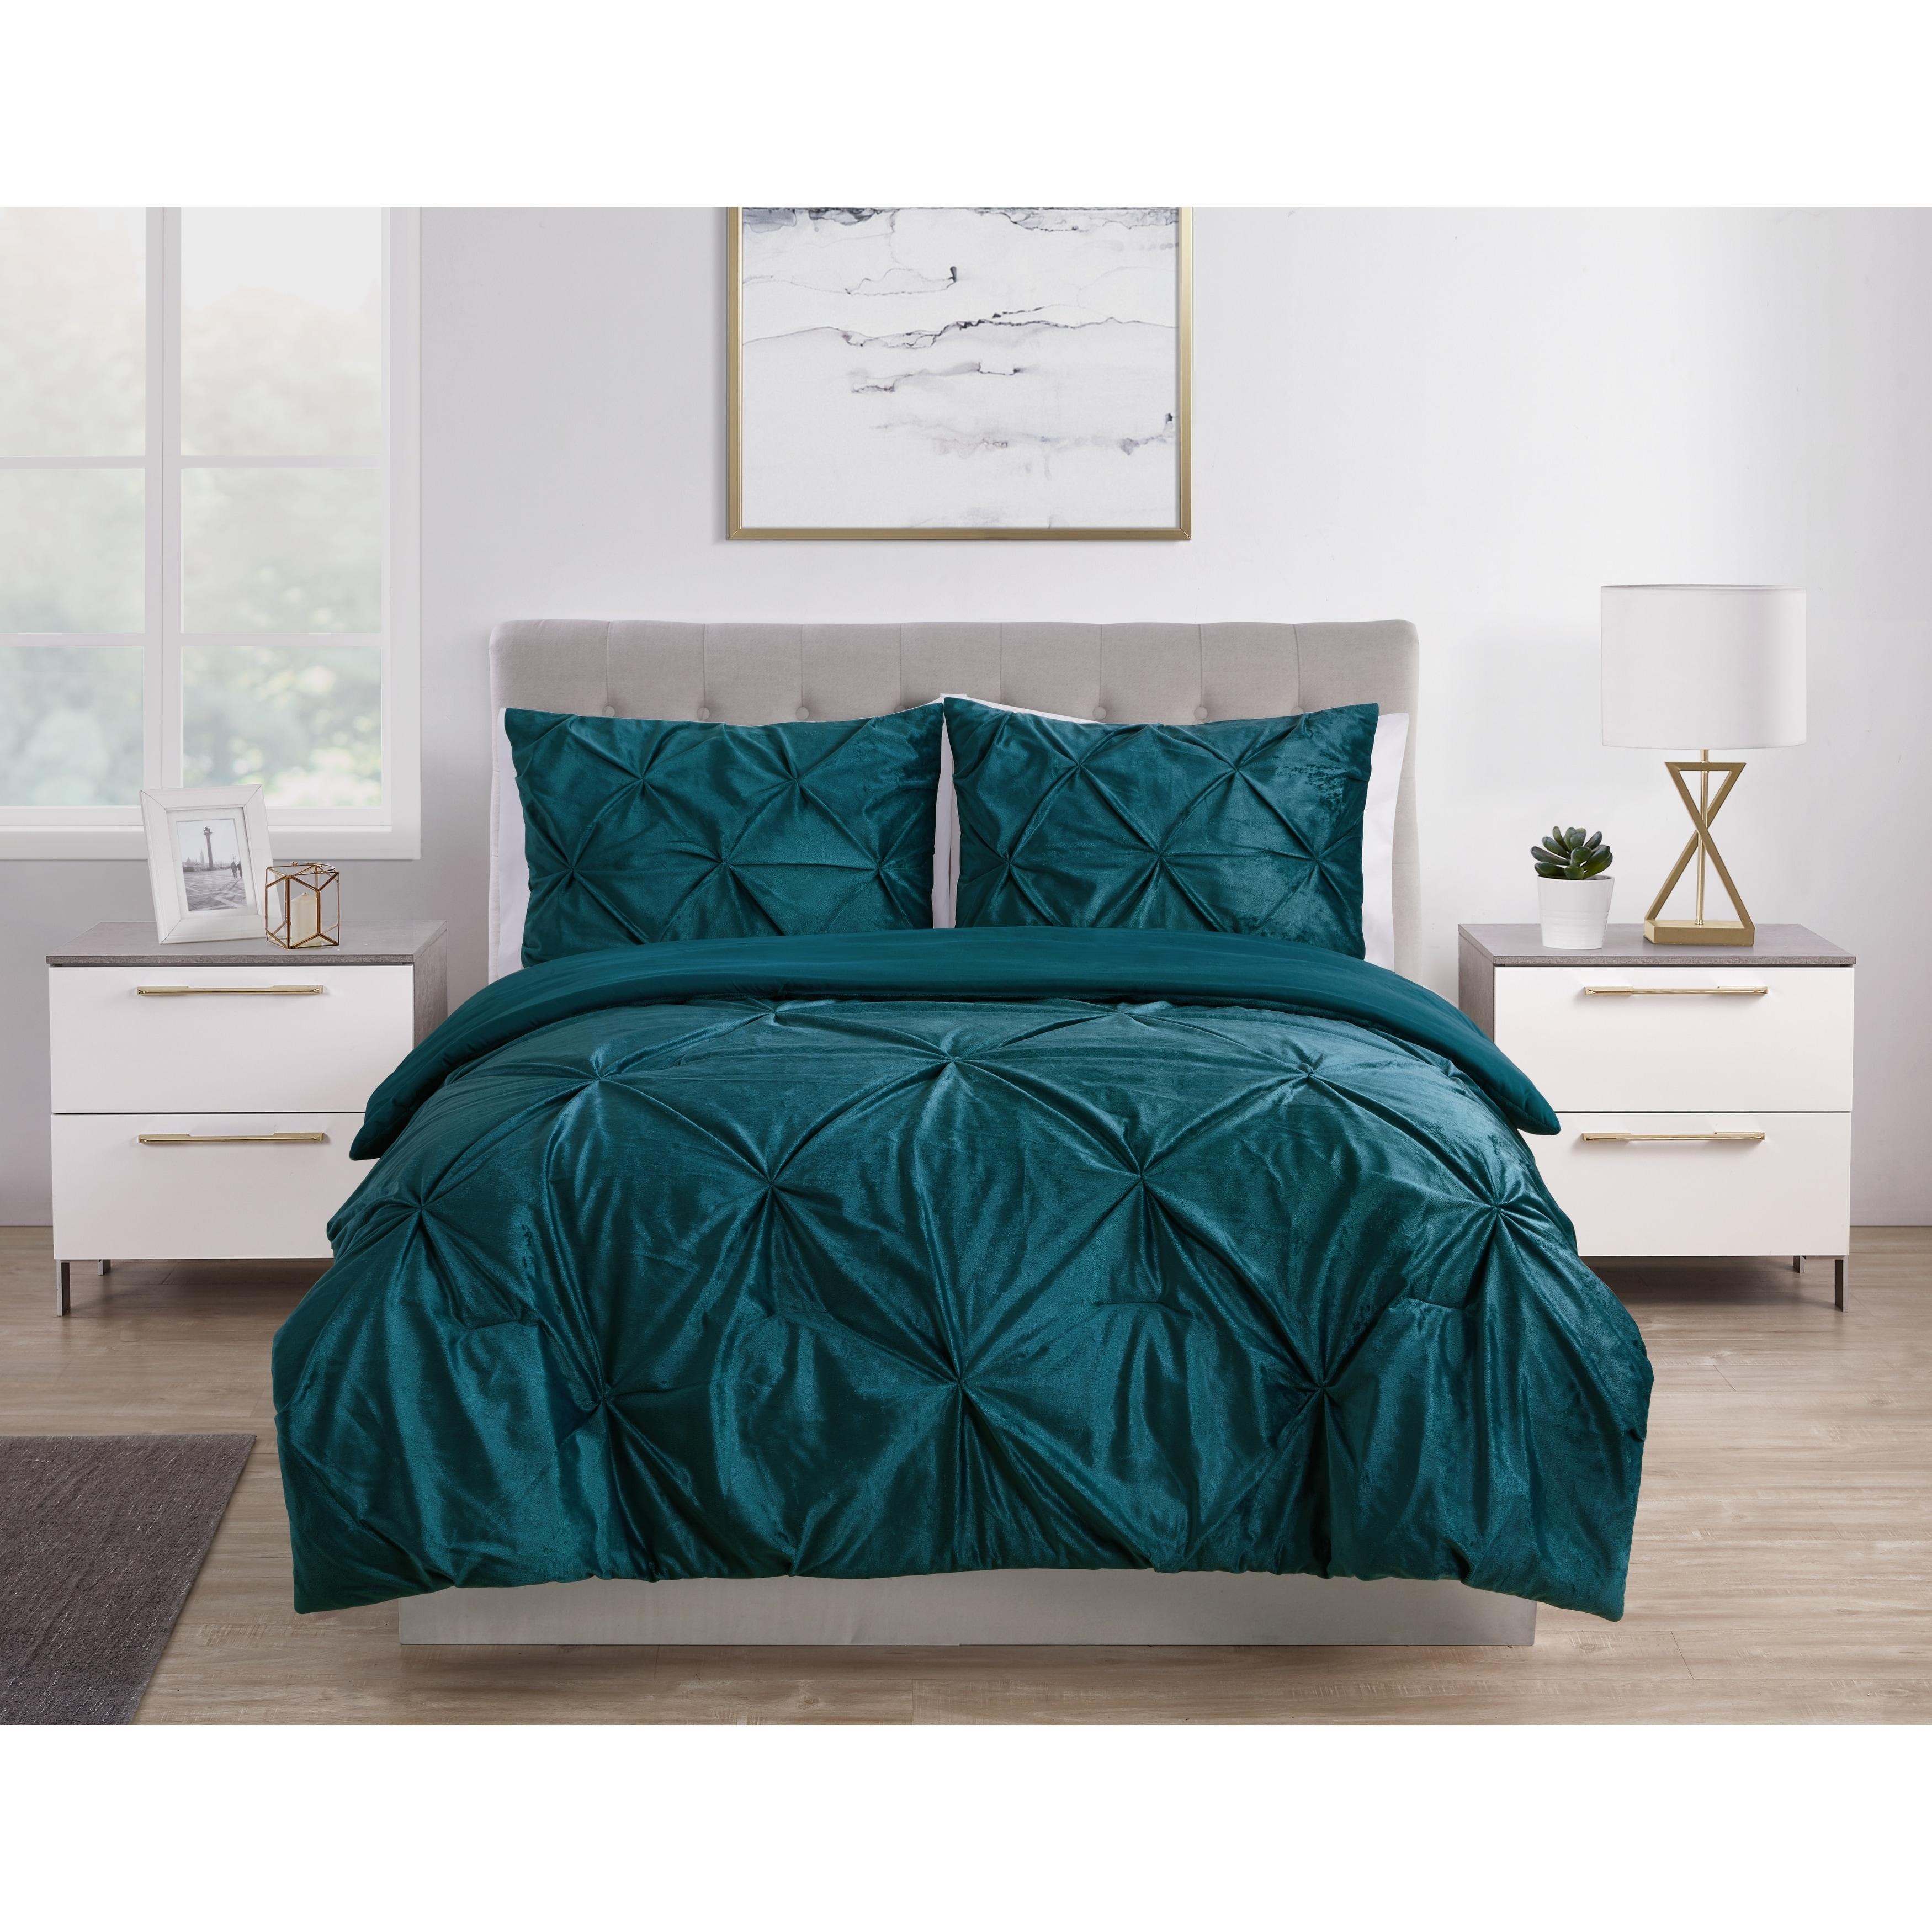 Silver Orchid Schonfeld Velvet Pintuck Comforter Set Overstock 26457313